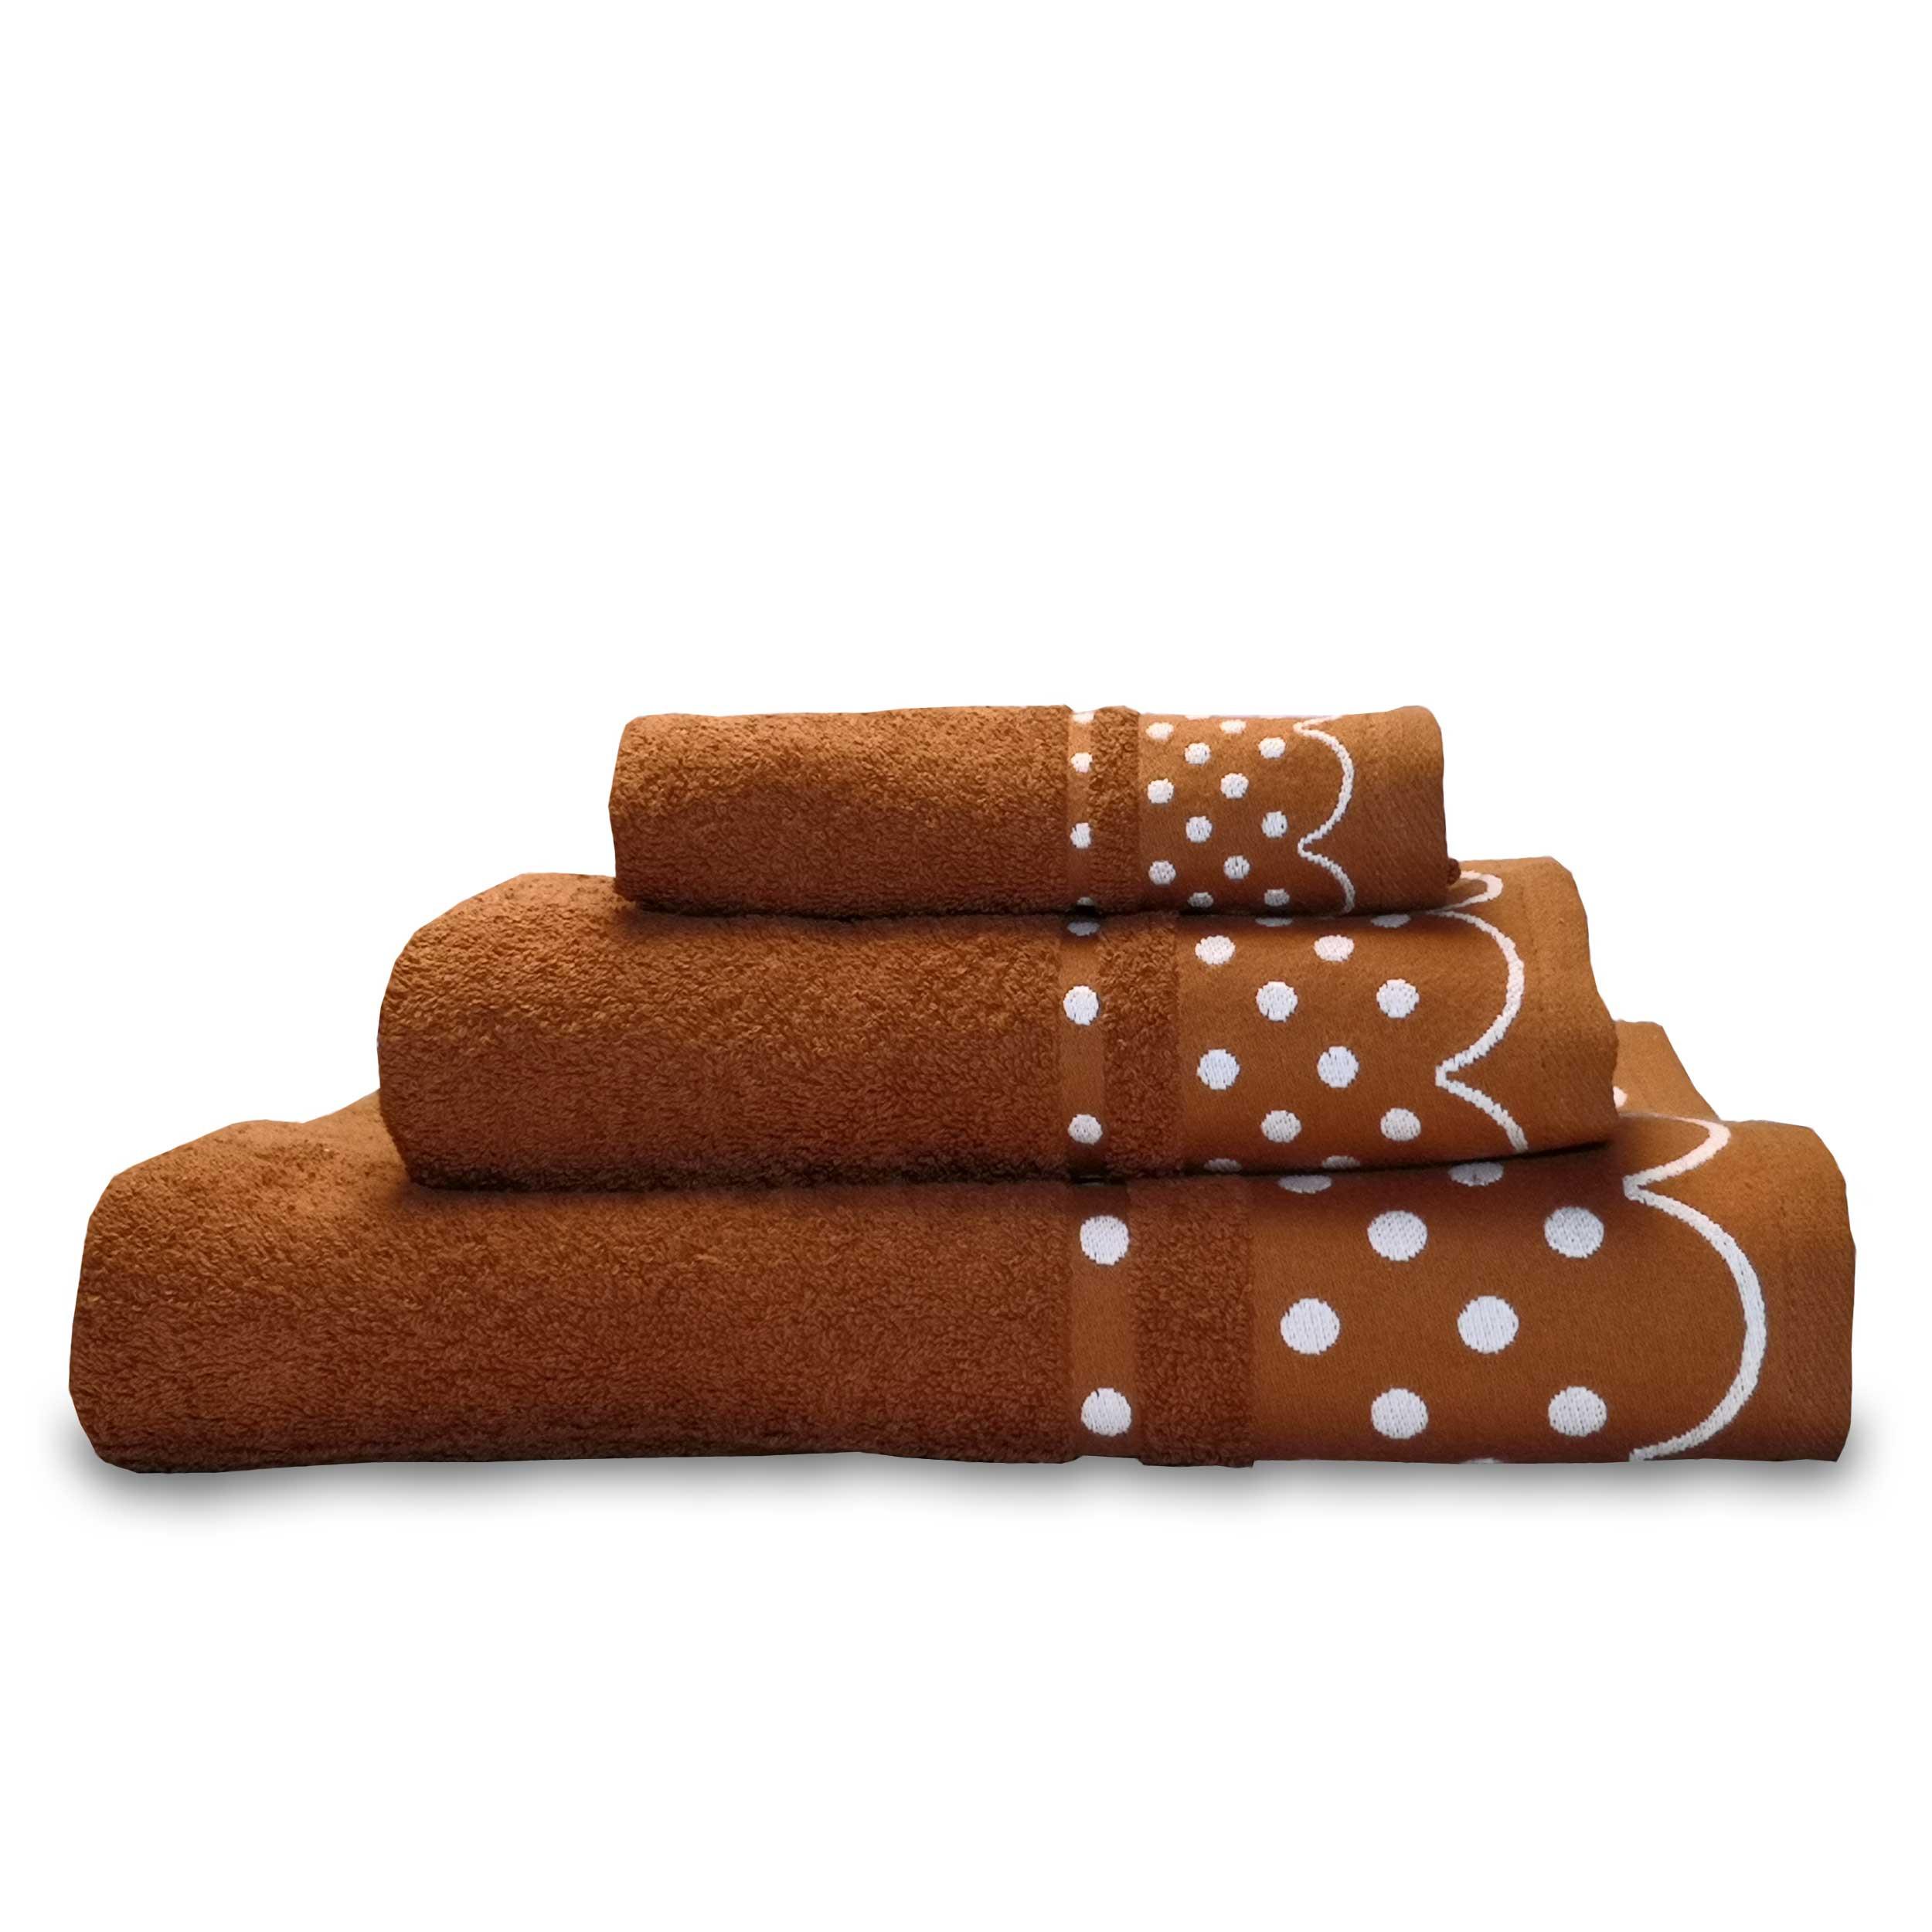 briebe Home Juego de Toallas Baño 100% algodón Rizo 450gr, Set 3 Piezas, Polka Dots, 3 tamaños Ducha Sábana, Manos, Tocador, Cenefa Lunares Bordada, Hecho en Portugal, marrón